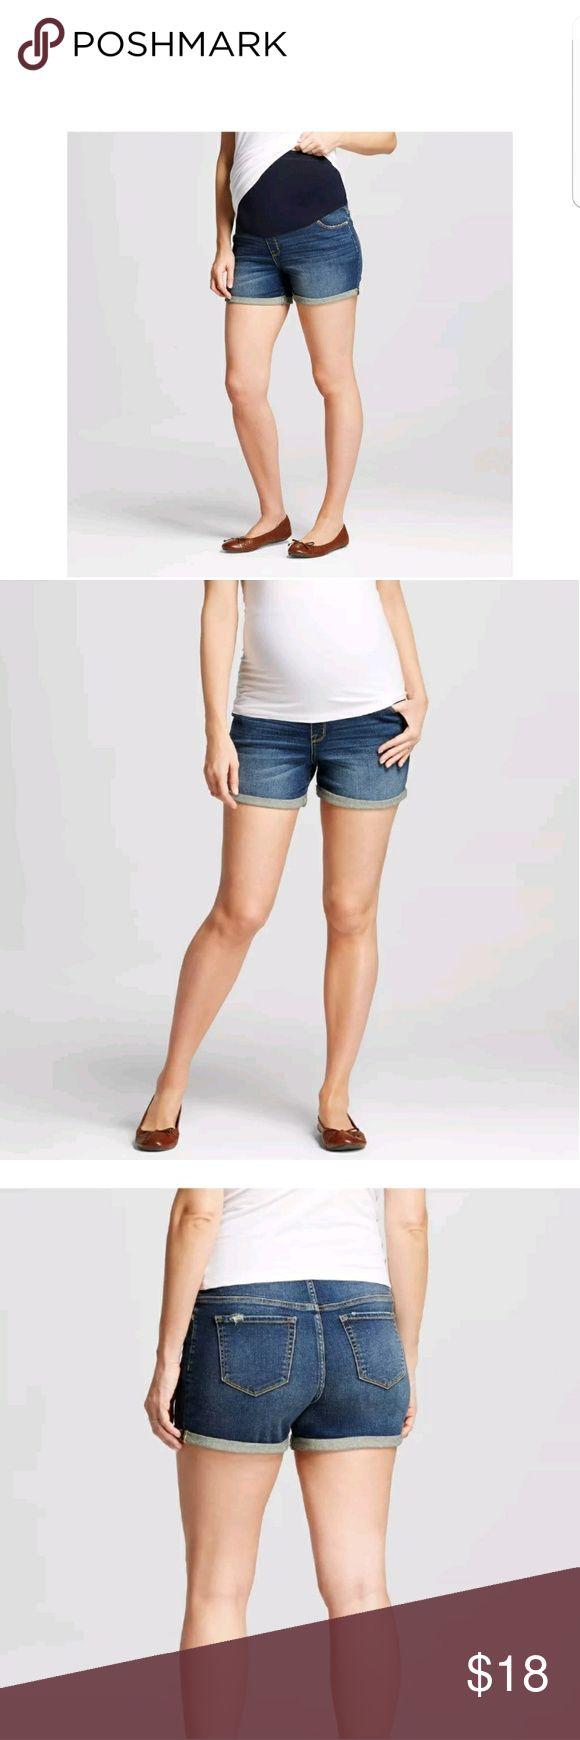 Liz Lange Target Maternity Jeans Shorts S Medium wash. Over the belly Liz Lange for Target Shorts Jean Shorts